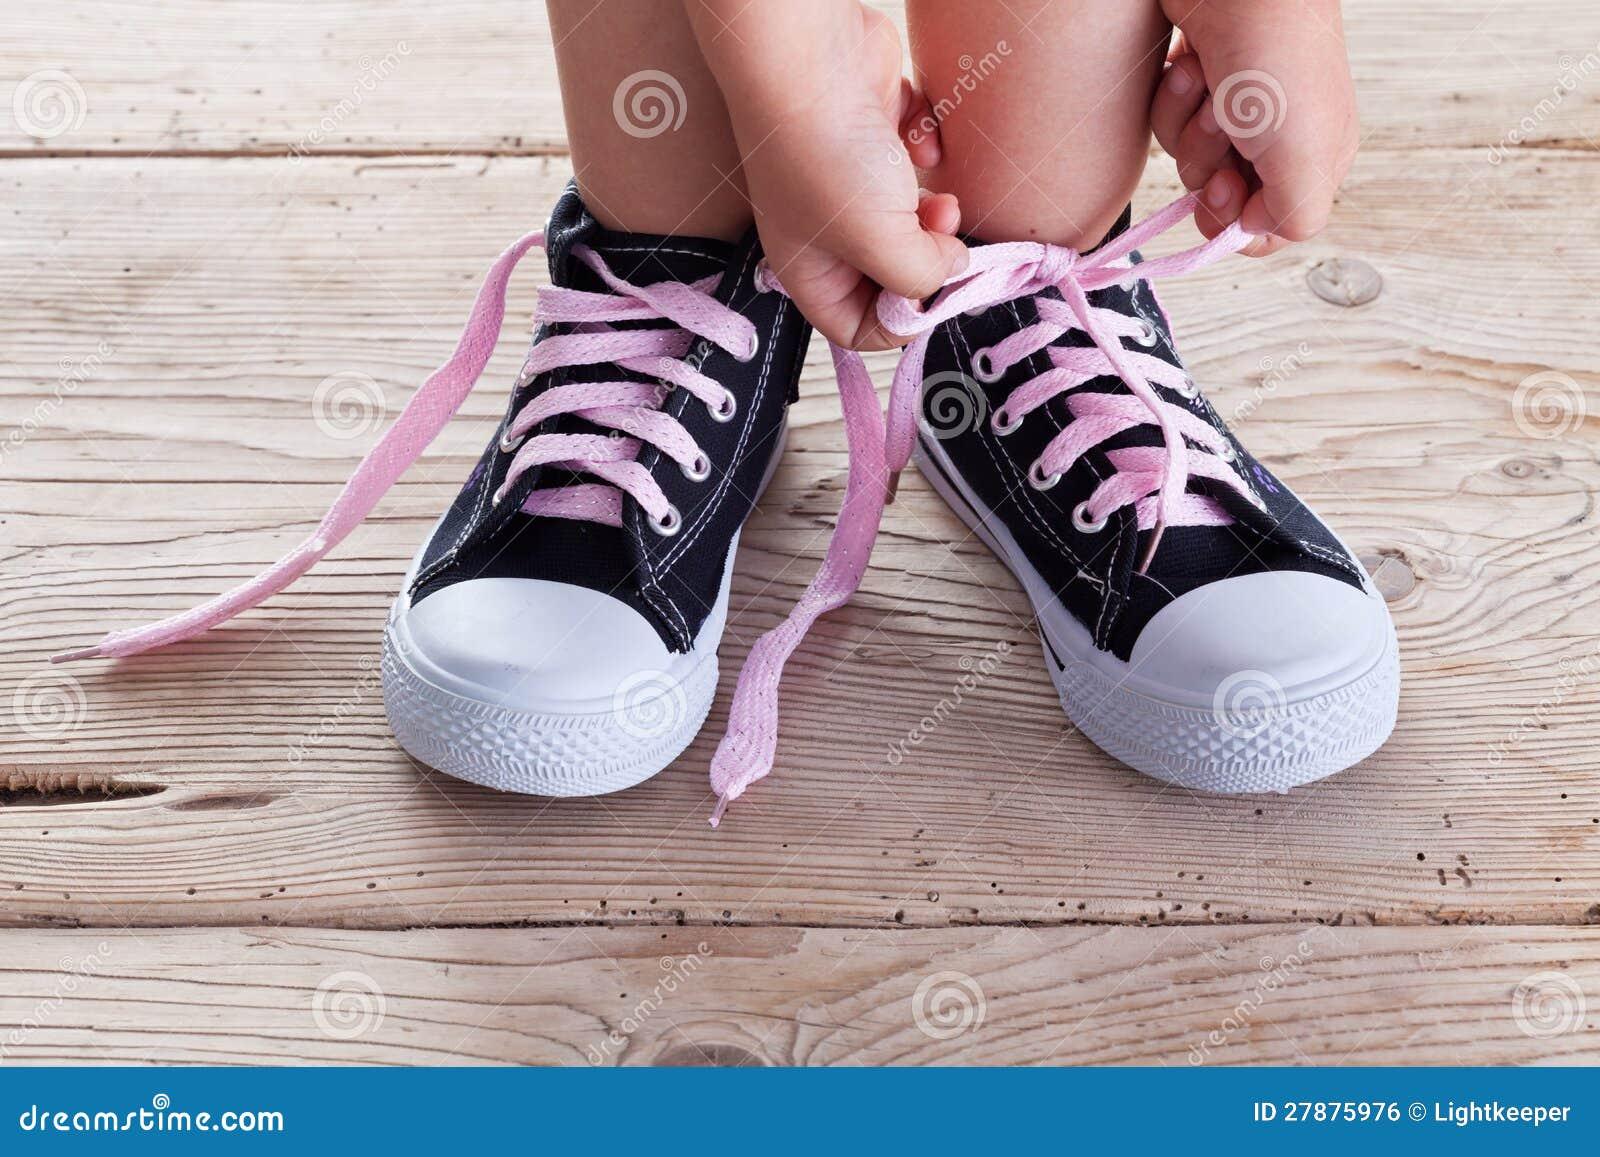 Las manos del niño implican cordones de zapato